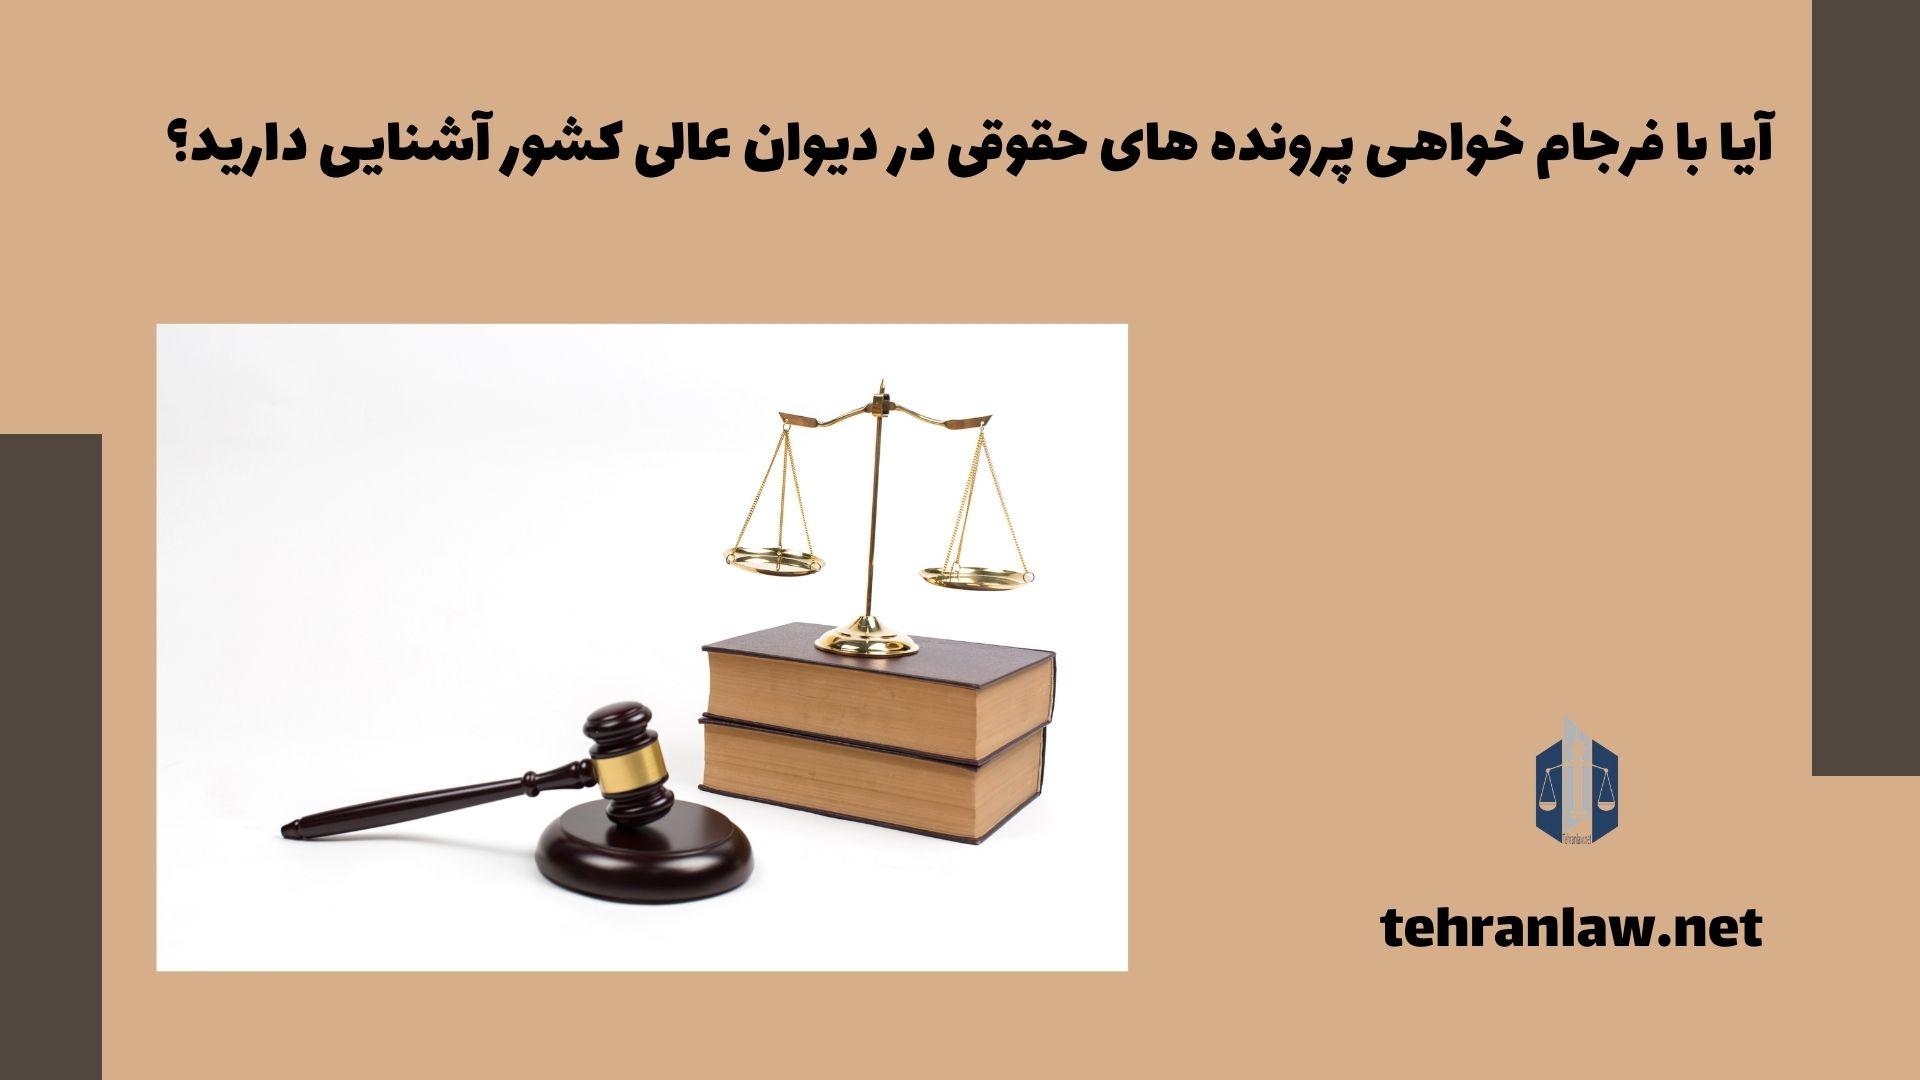 آیا با فرجام خواهی پرونده های حقوقی در دیوان عالی کشور آشنایی دارید؟